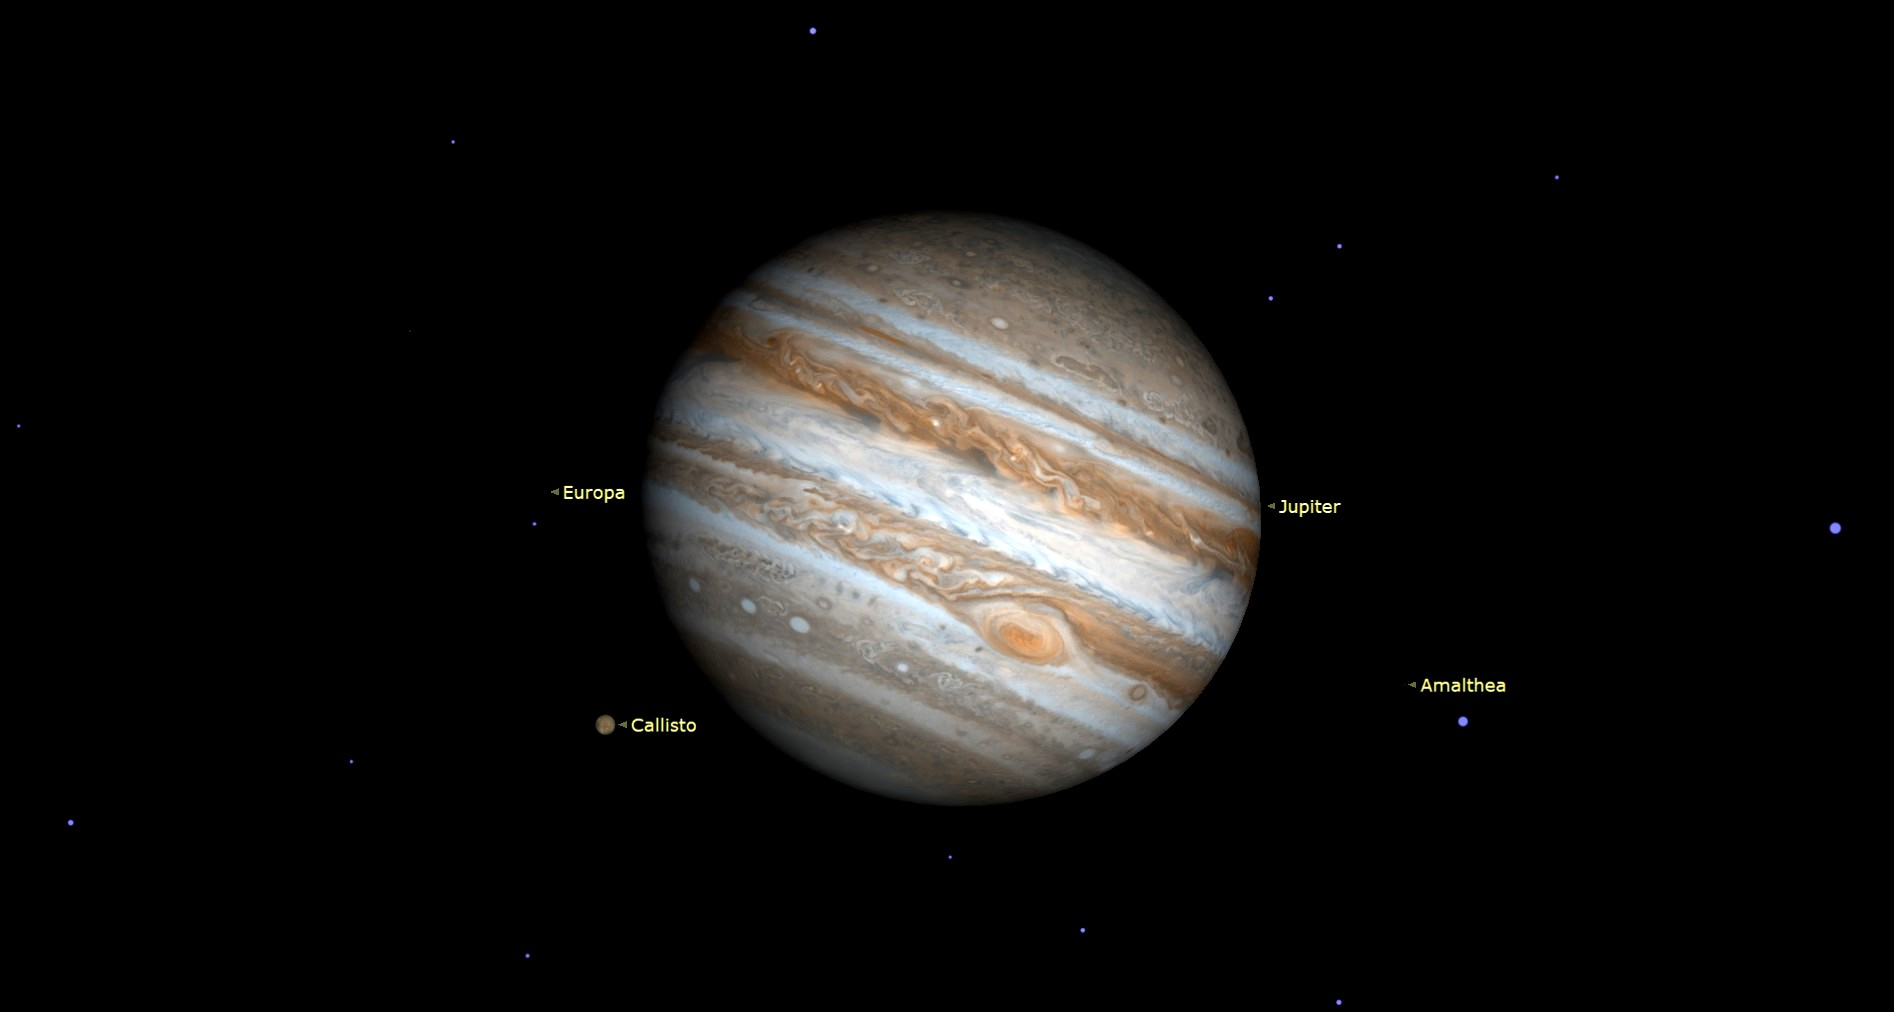 [이광식의 천문학+] 9월 밤하늘을 수놓는 별과 행성들의 파티